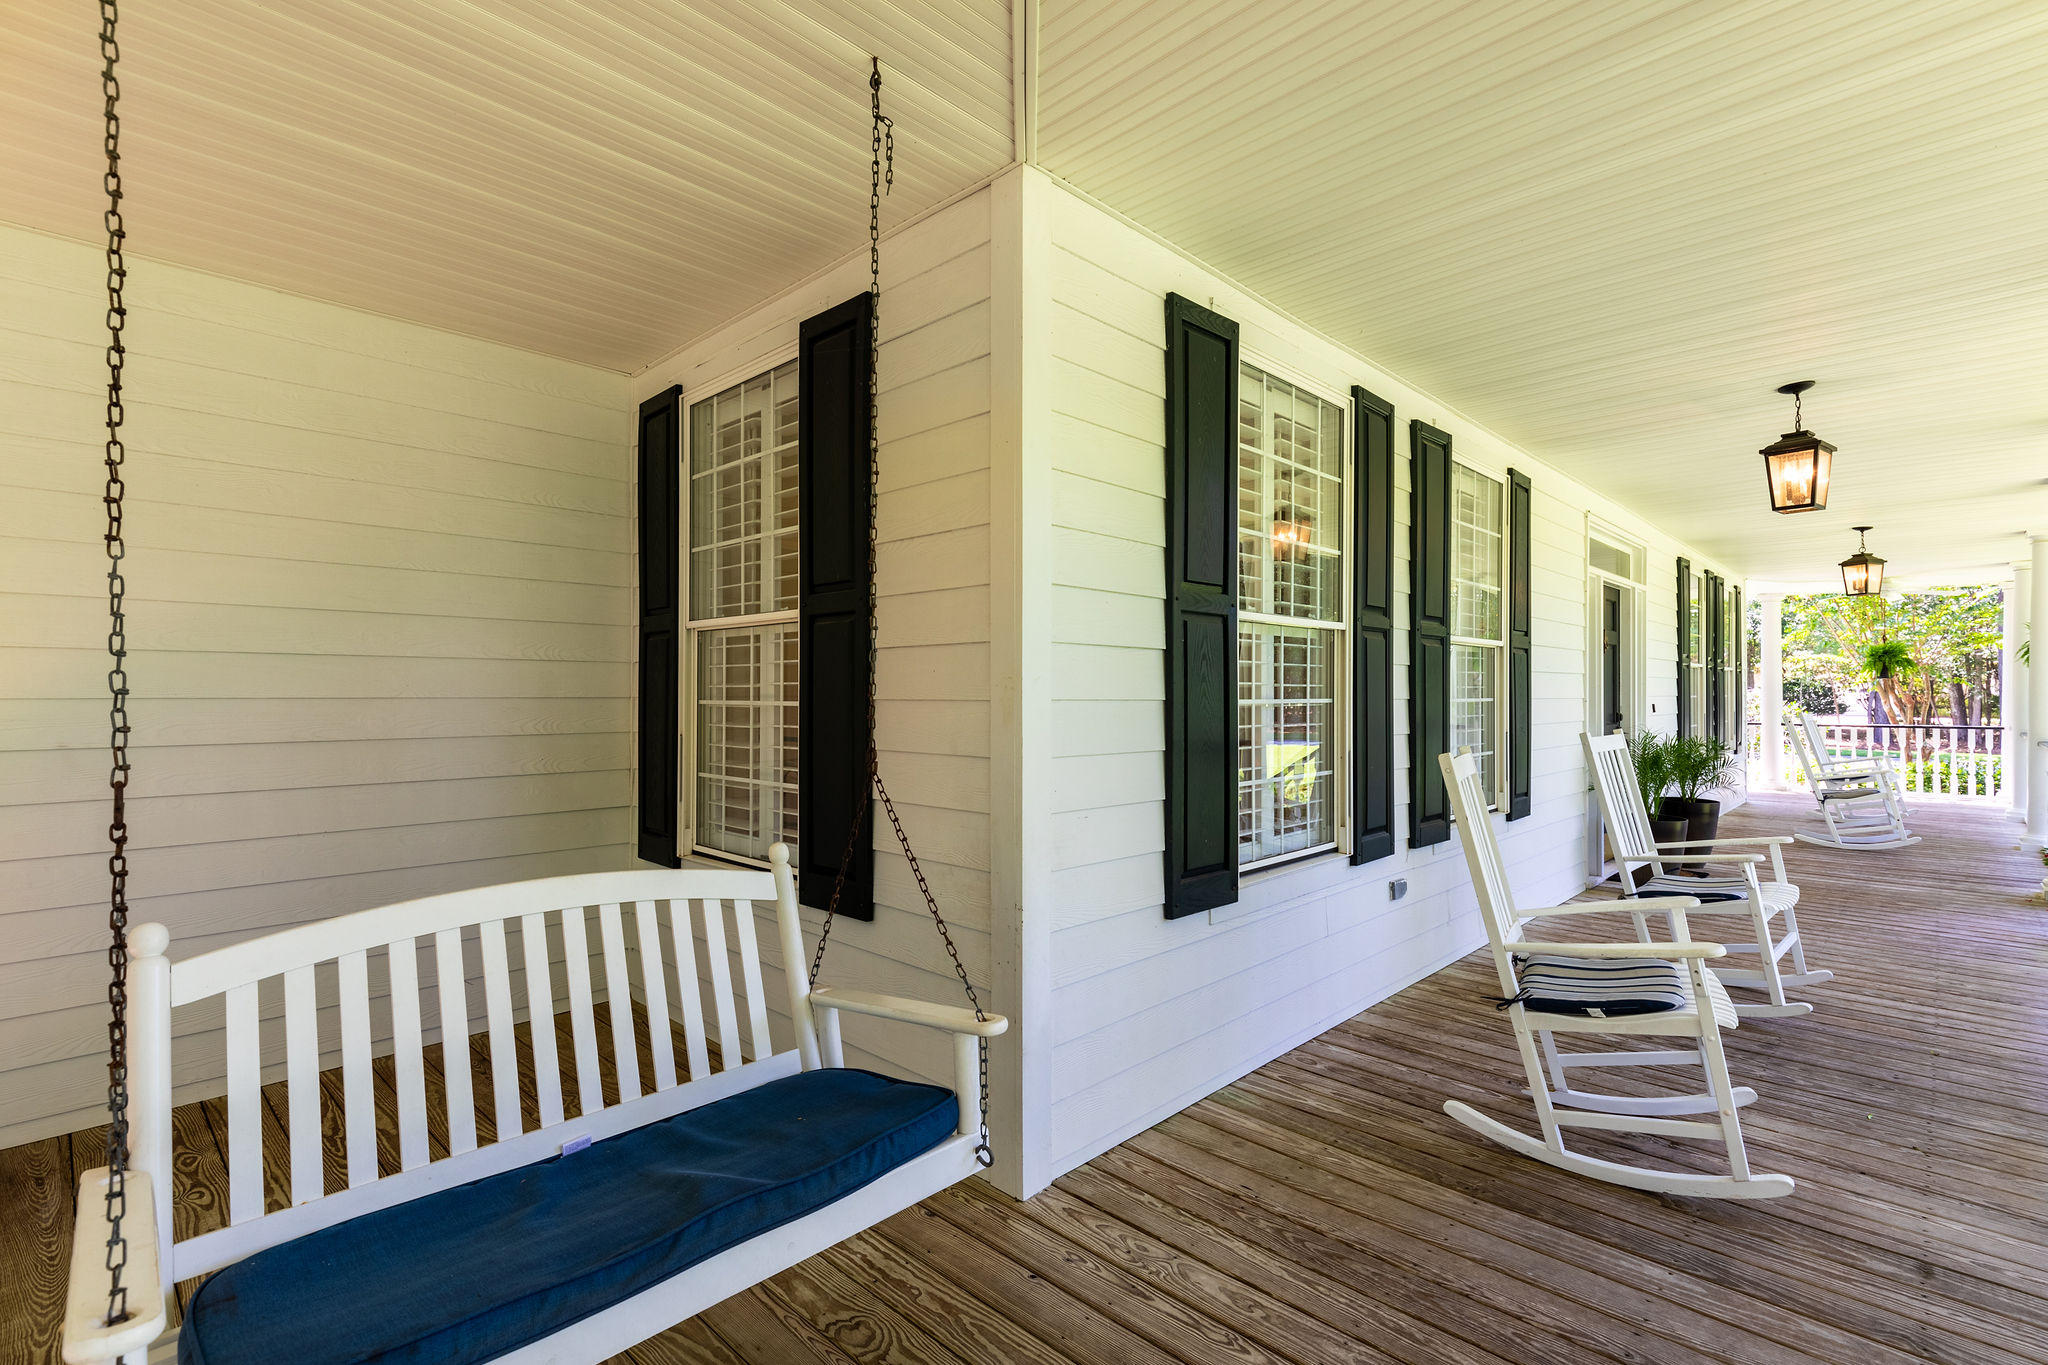 Dunes West Homes For Sale - 3201 Cottonfield, Mount Pleasant, SC - 7